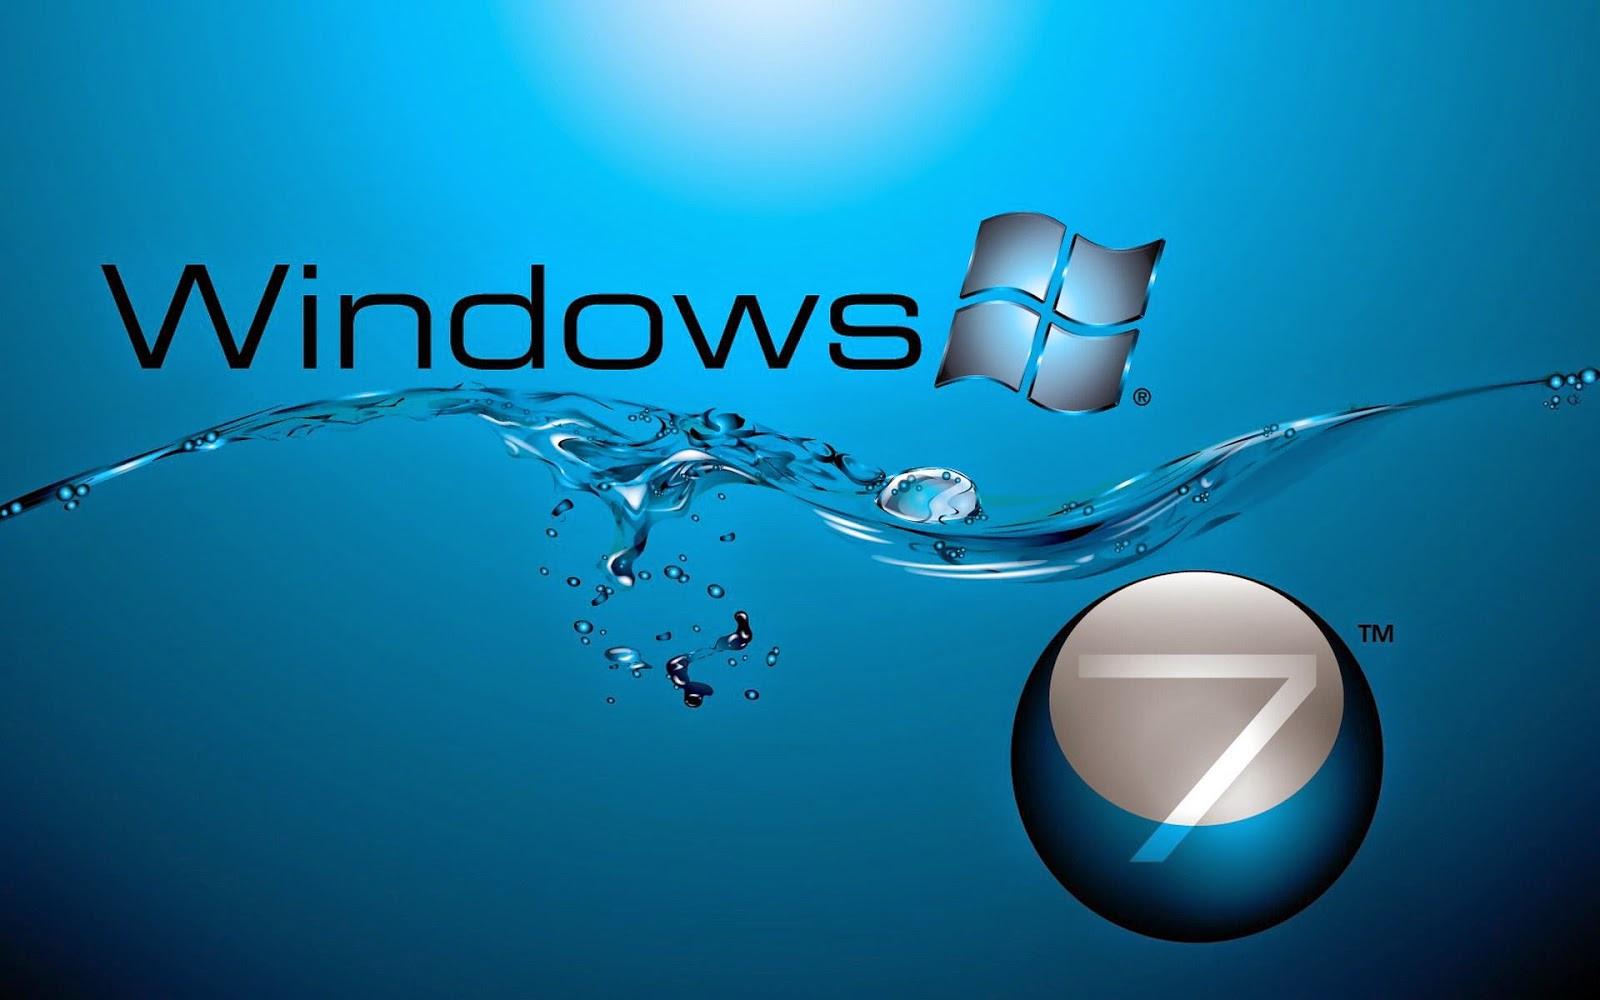 openshot 32 bit download